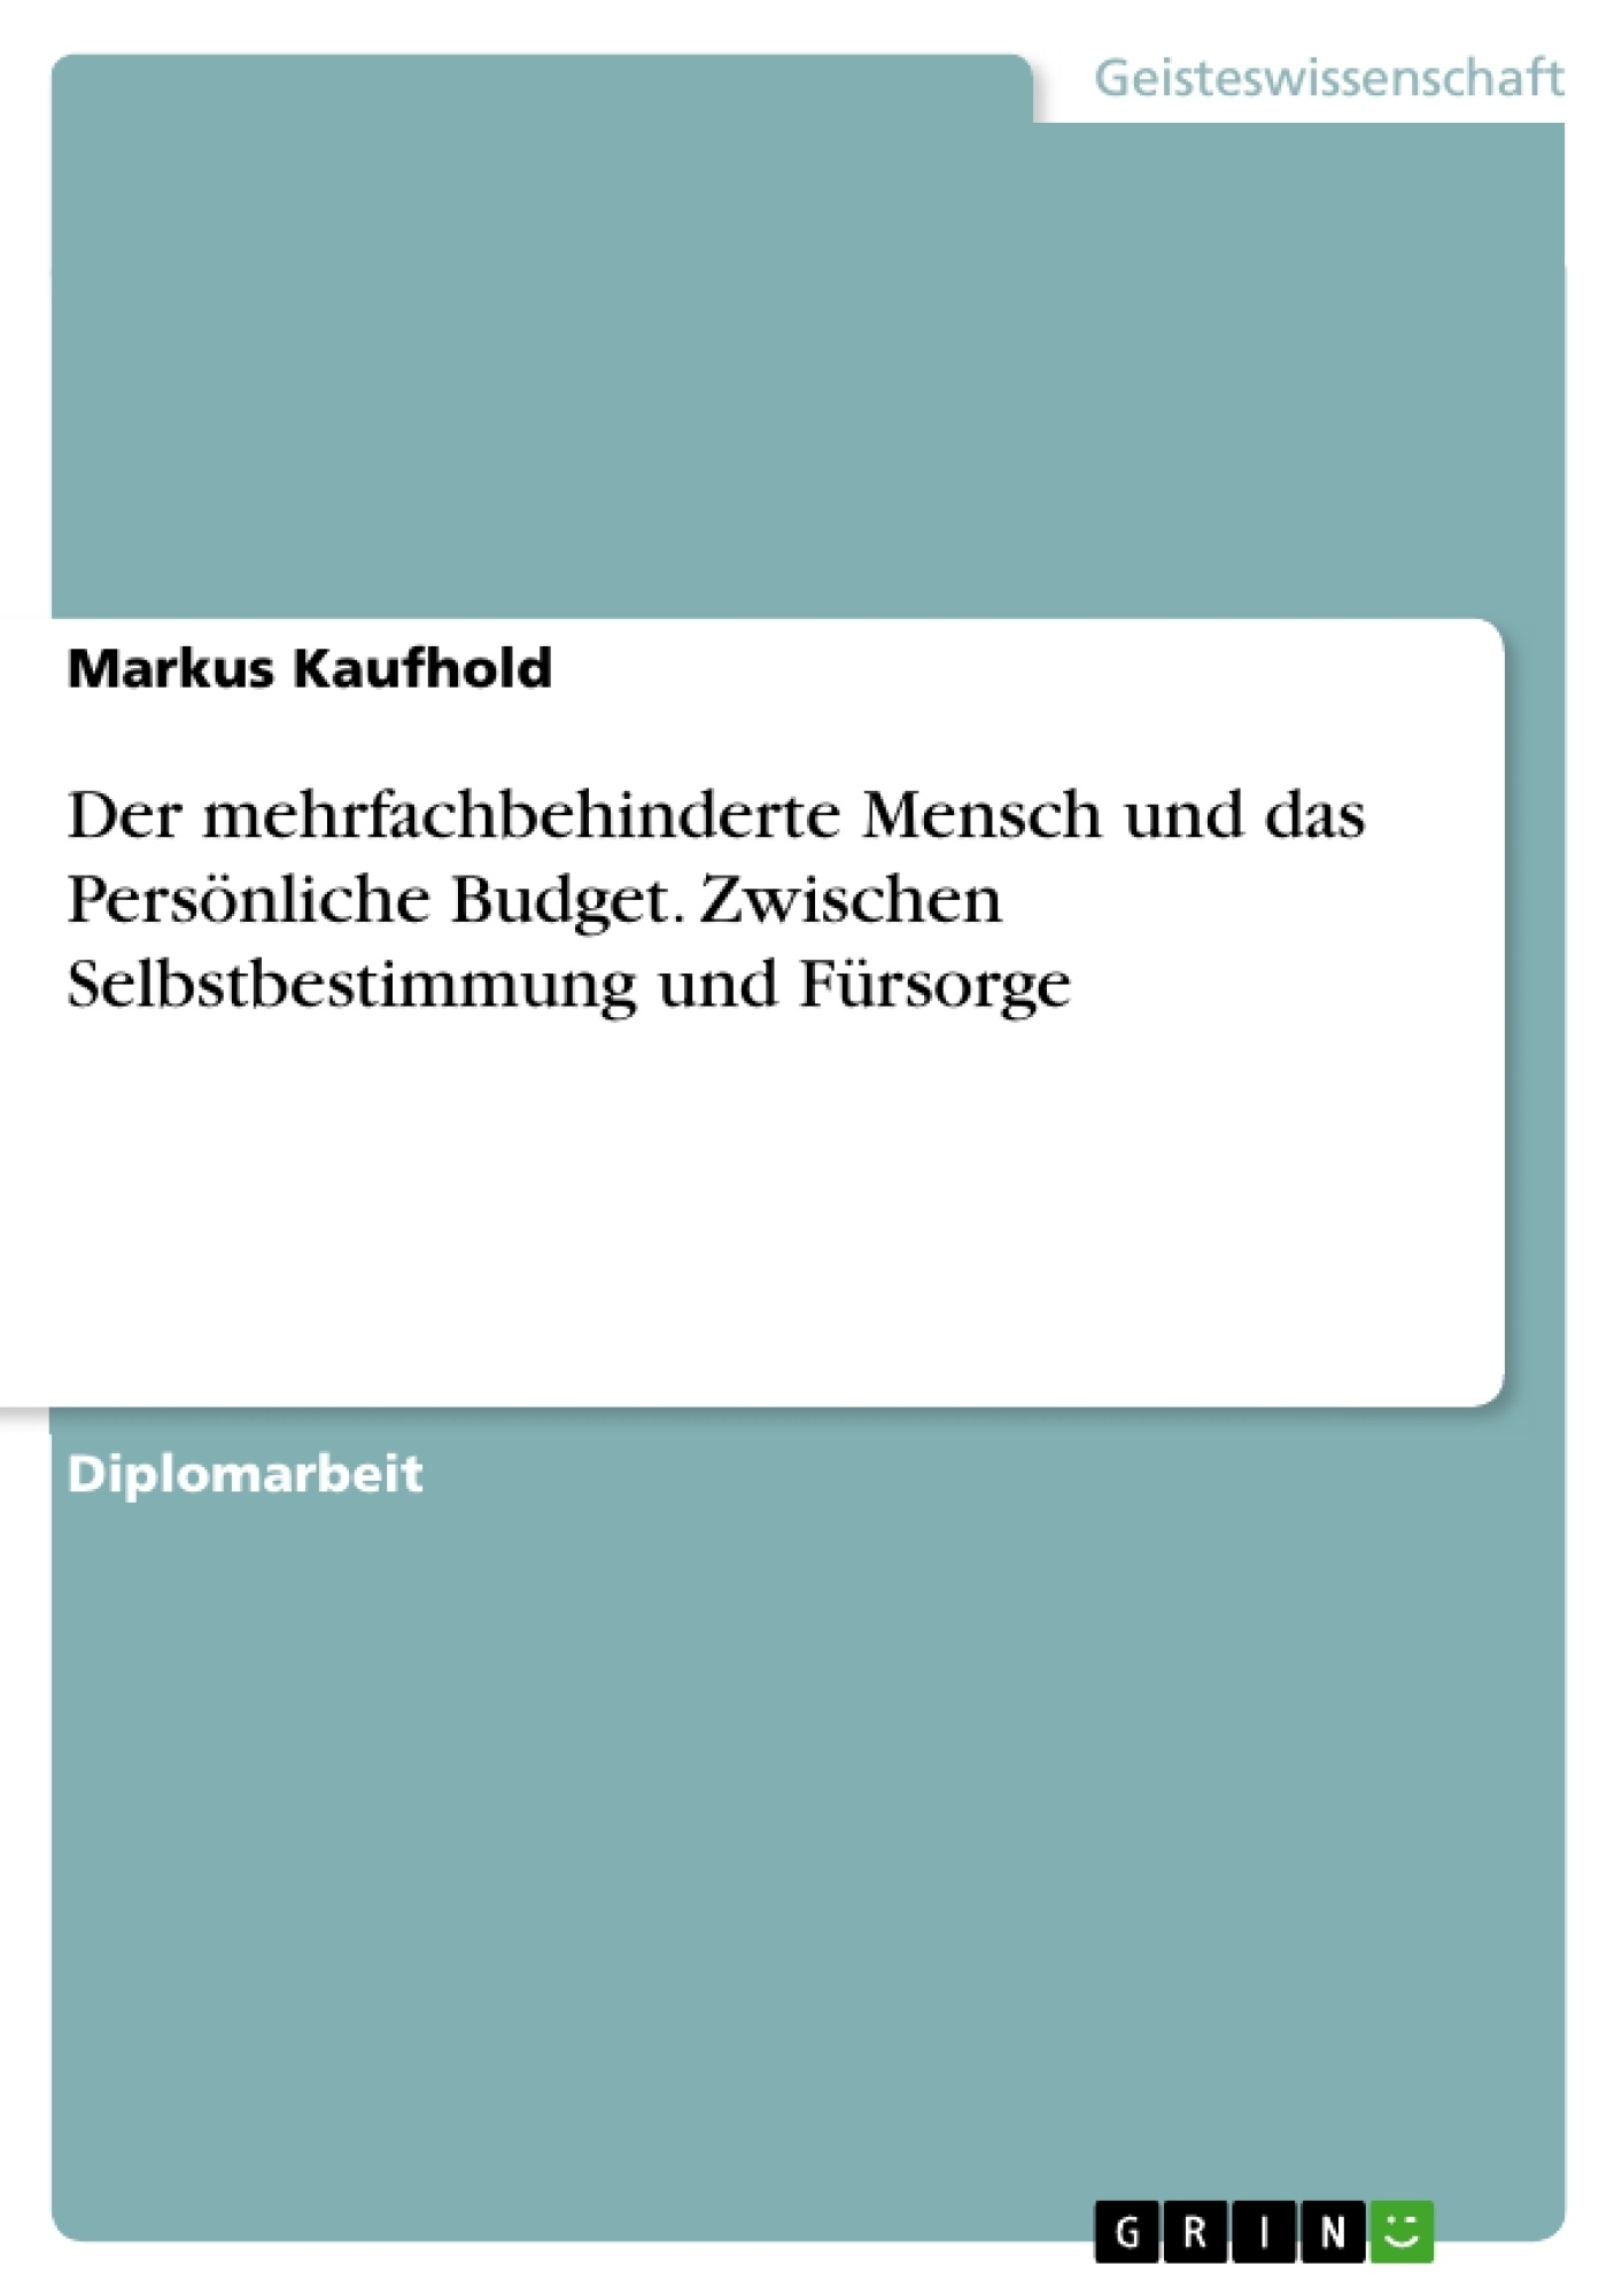 Titel: Der mehrfachbehinderte Mensch und das Persönliche Budget. Zwischen Selbstbestimmung und Fürsorge